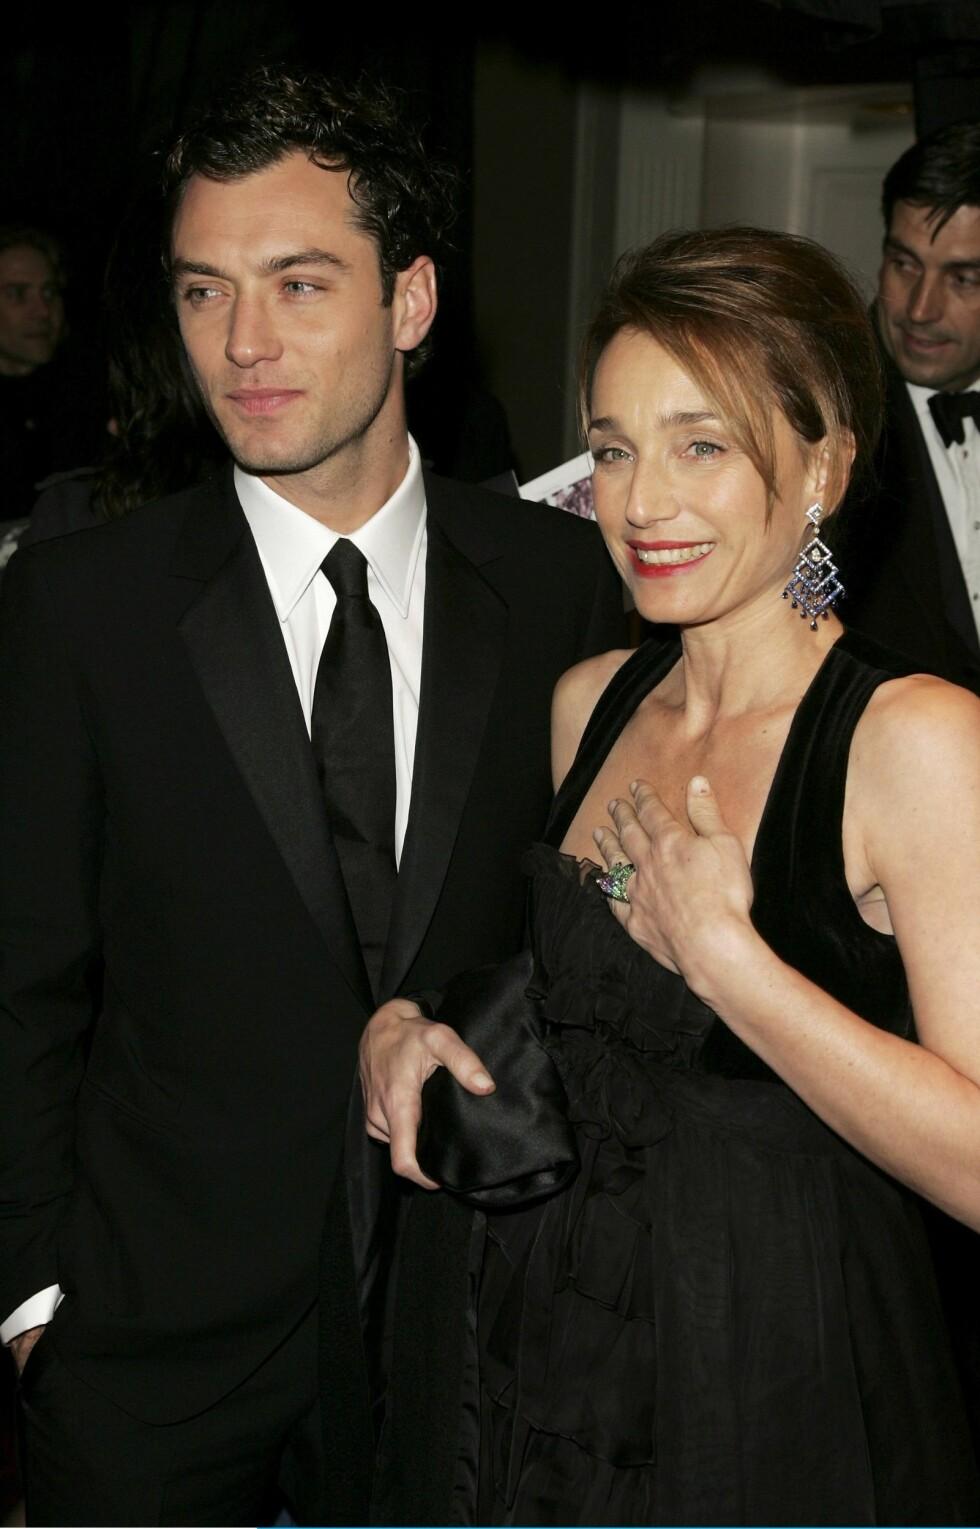 De britiske skuespillerne Jude Law og Kristin Scott Thomas.